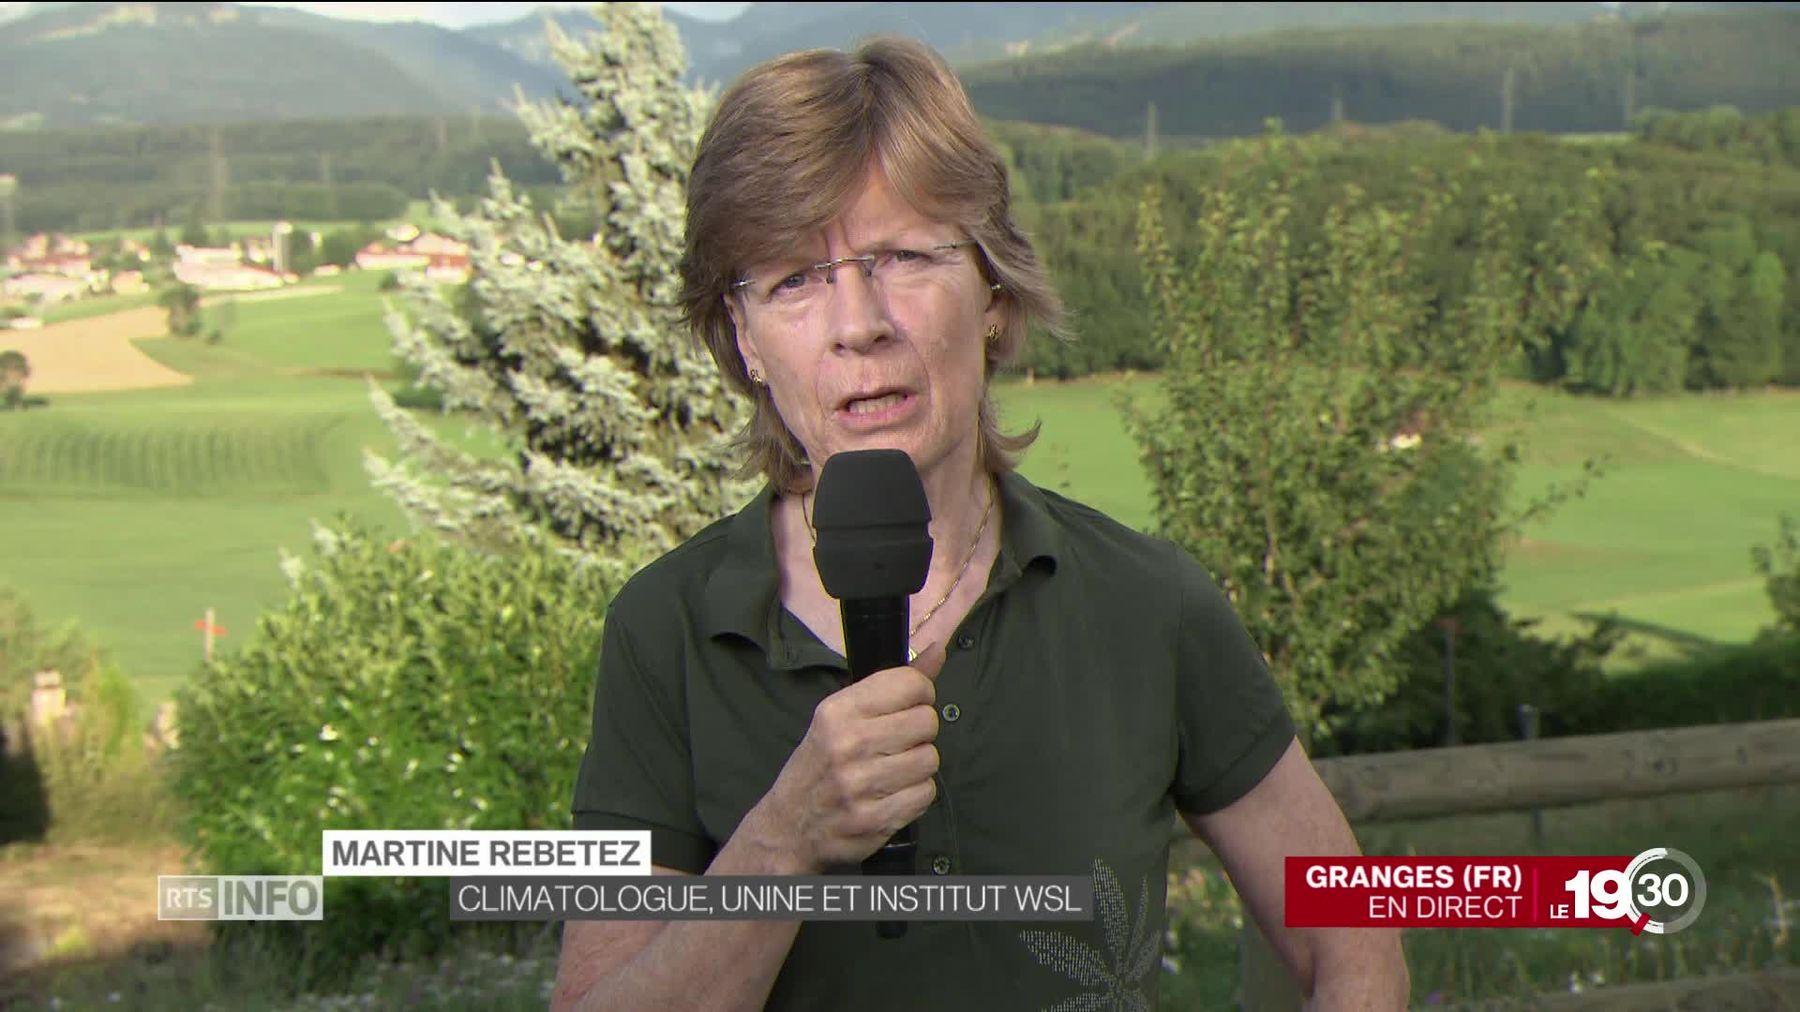 Climat: le GIEC se réunit à Genève. La climatologue Martine Rebetez analyse les conséquences du dérèglement climatique.